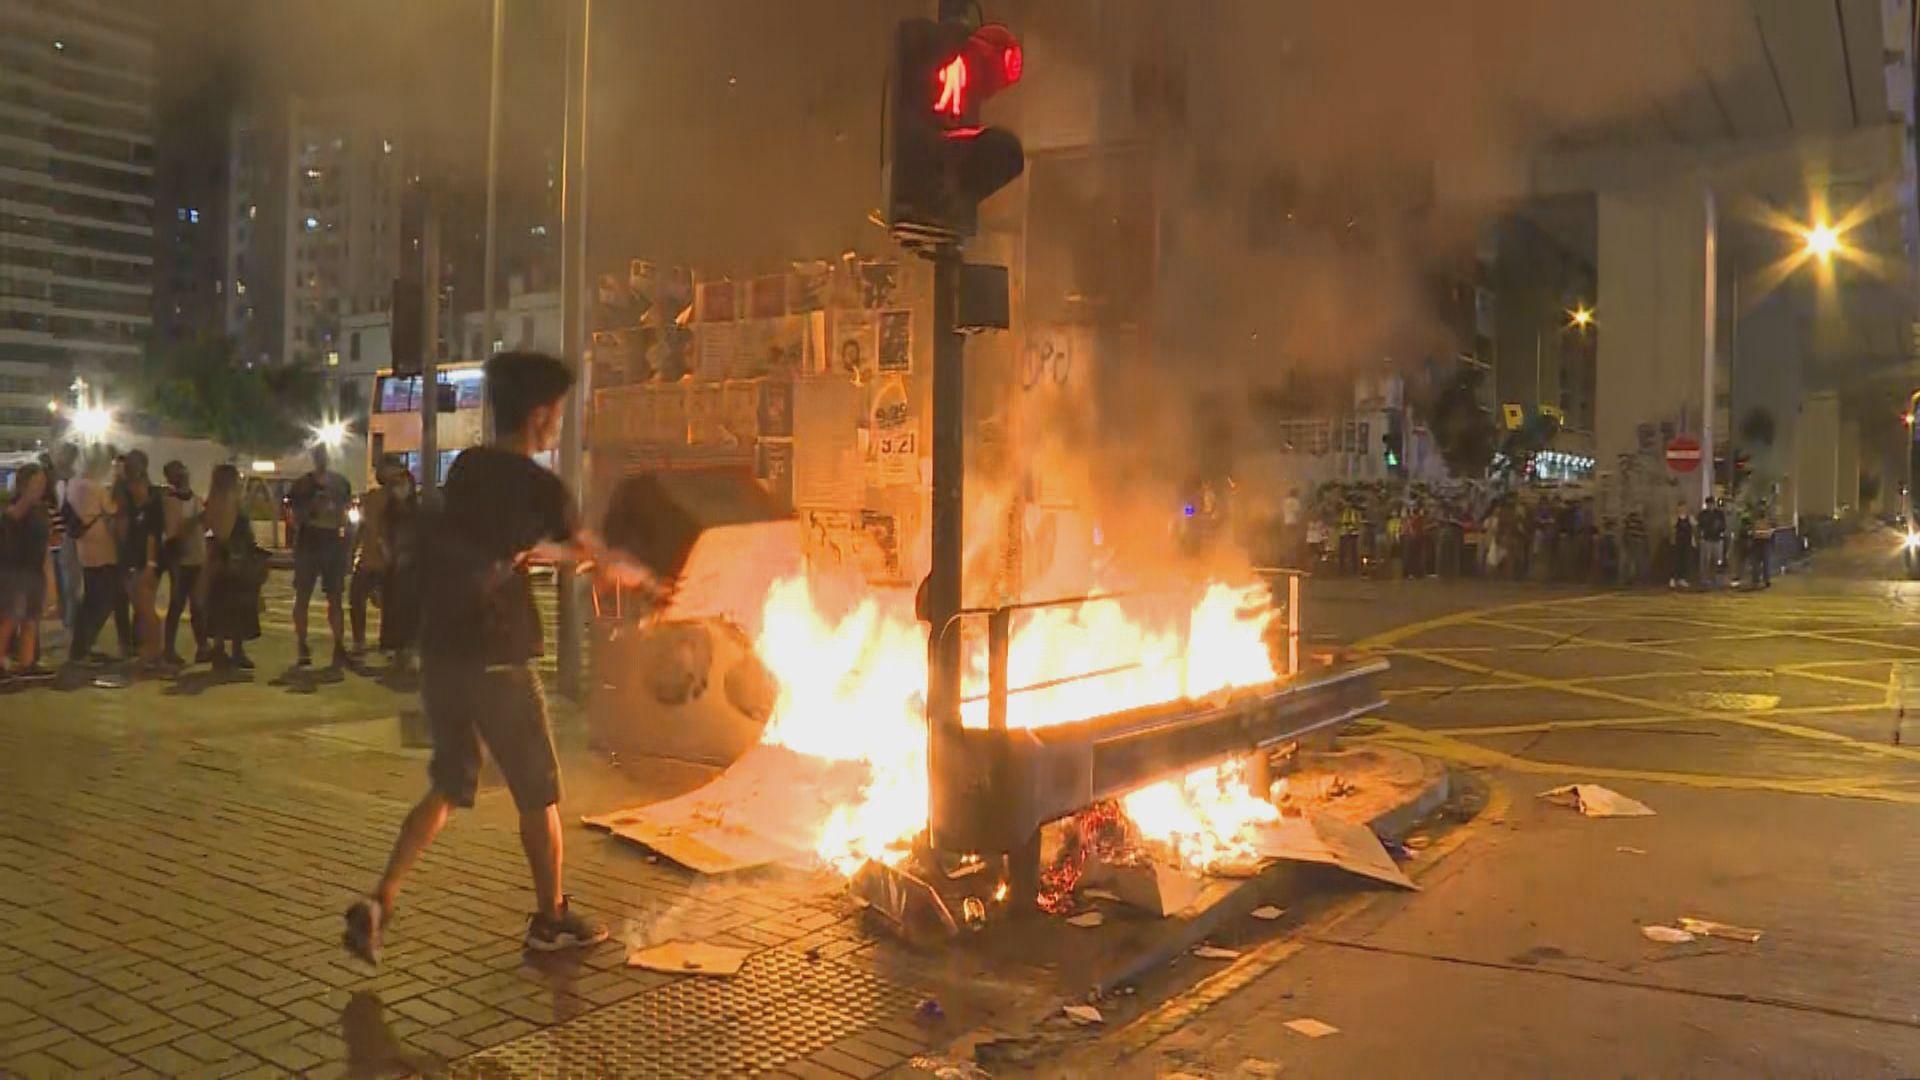 旺角警署外有人焚燒雜物 防暴警到場布防